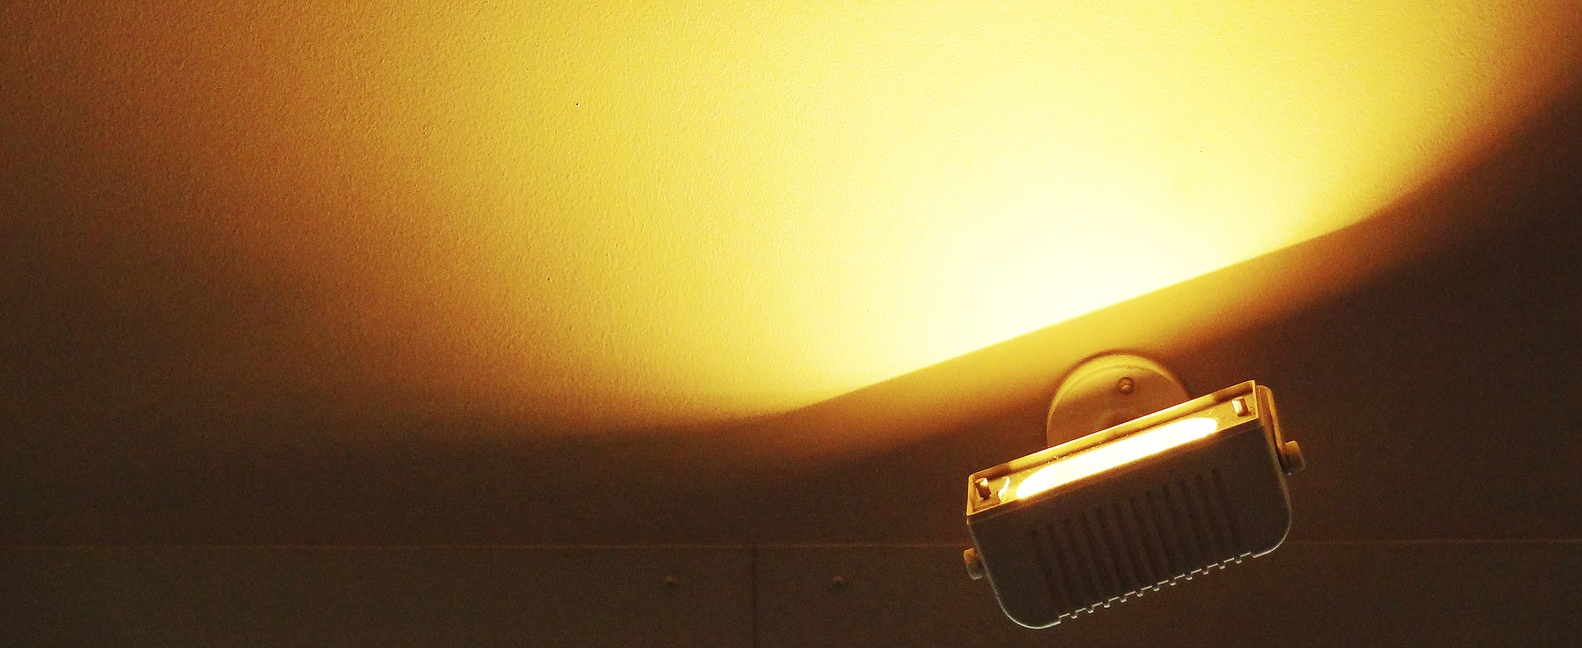 Indirekte Beleuchtung für Ihr Zuhause  vigedo.de